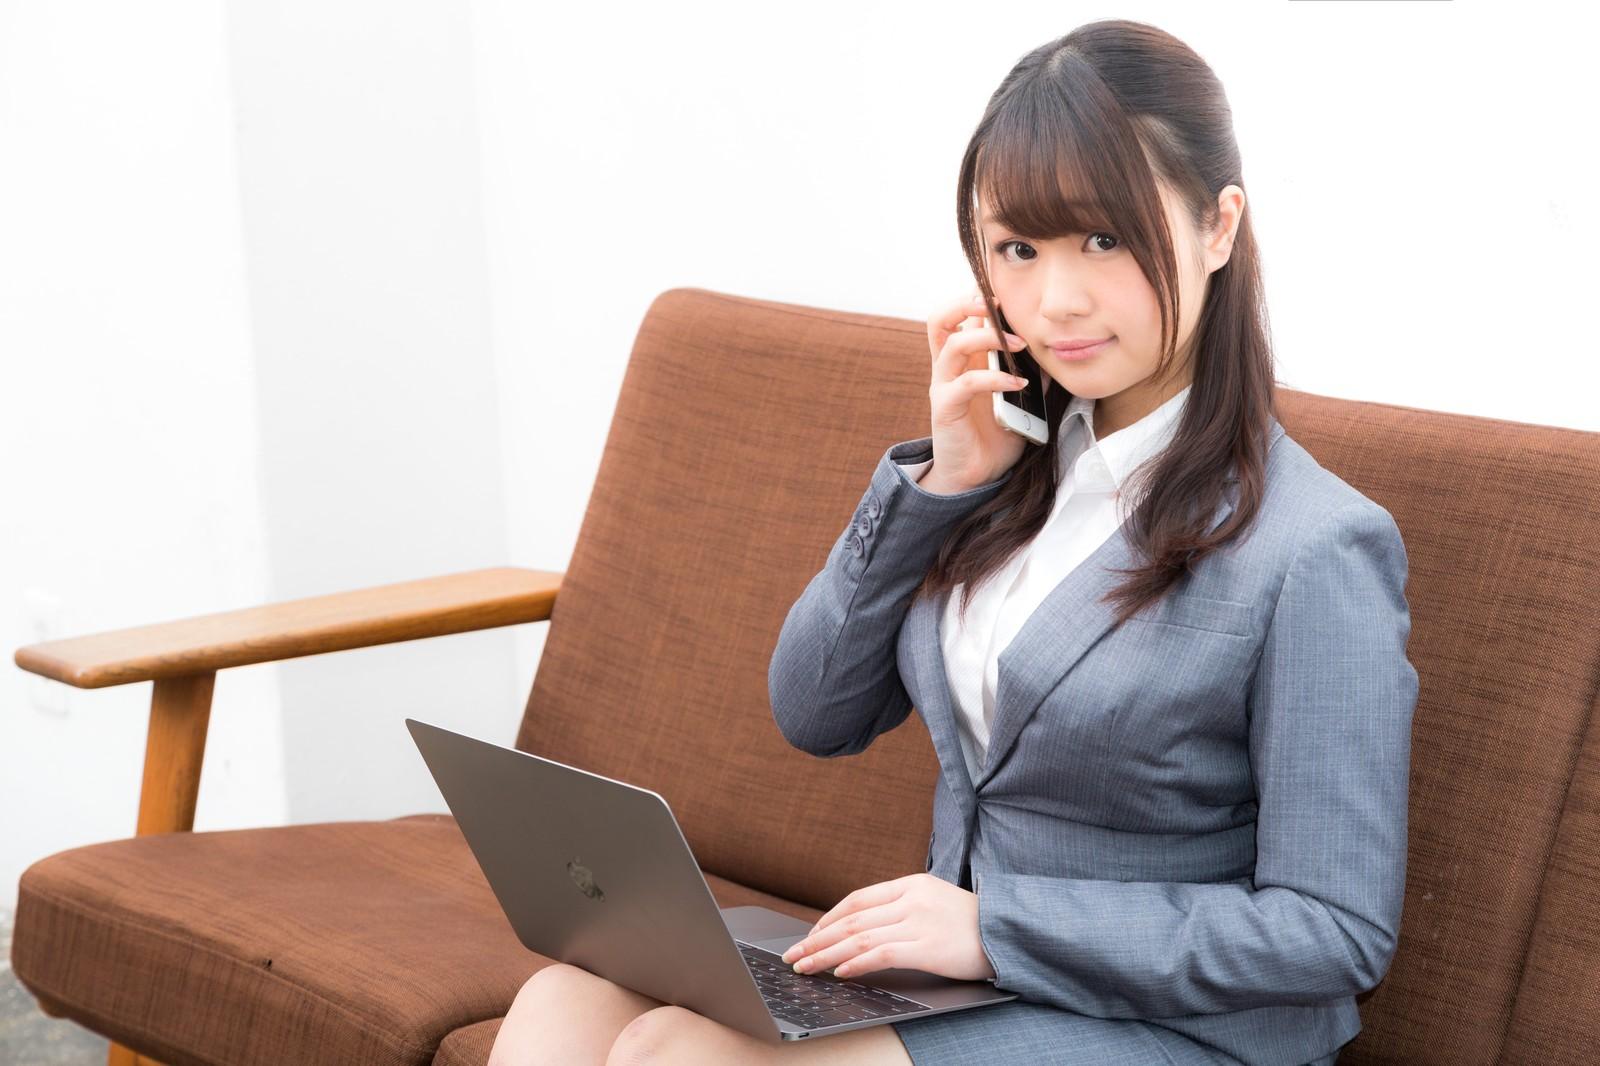 IT業界の男女比は?女性にとって働きやすい環境なのか徹底解説